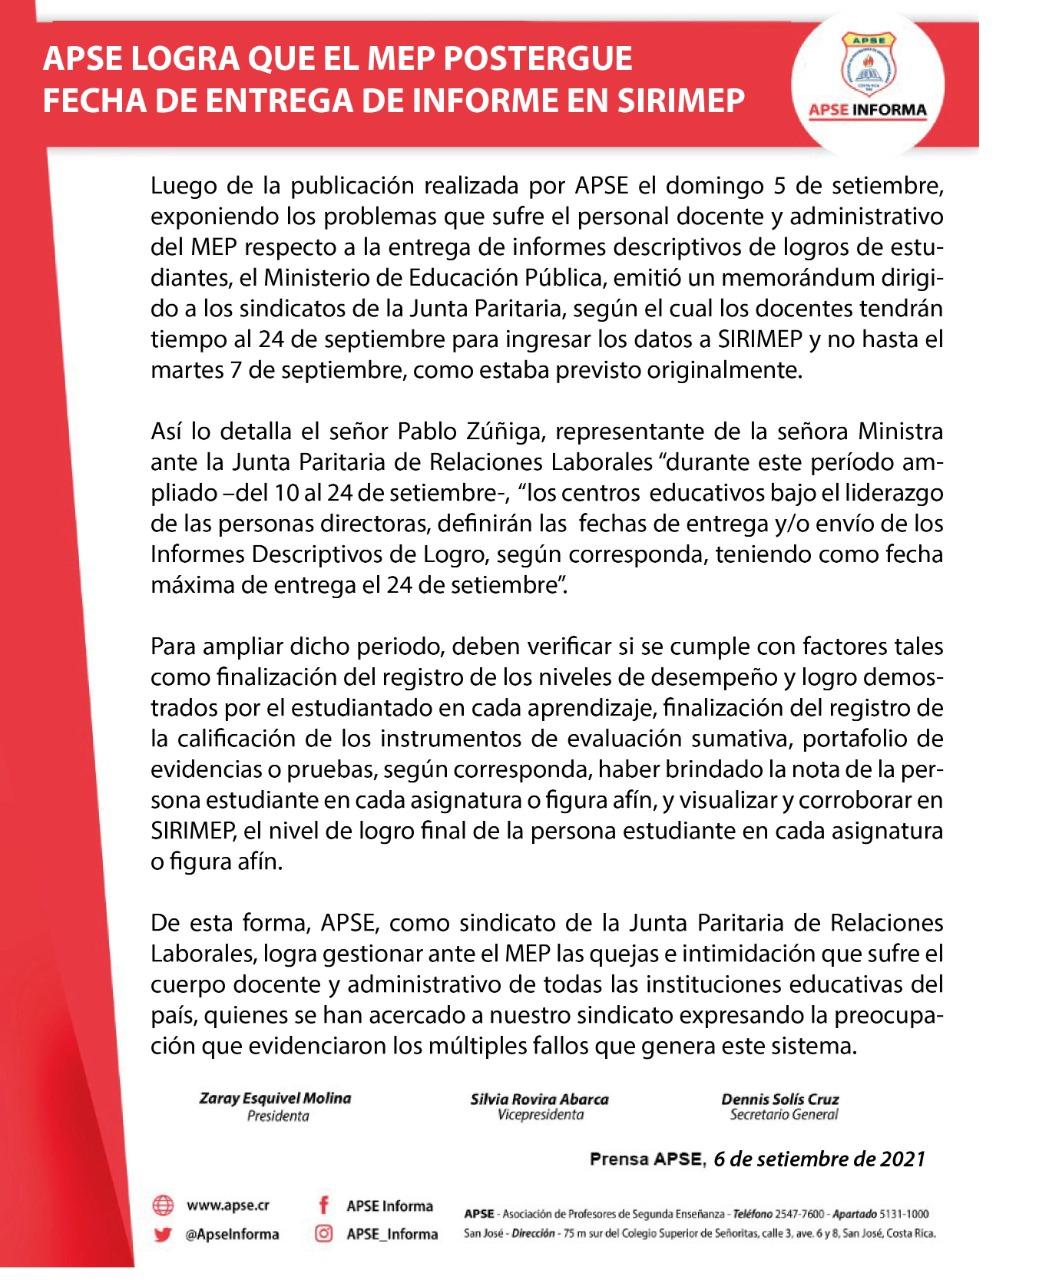 APSE LOGRA QUE EL MEP POSTERGUE FECHA DE ENTREGA DE INFORME EN SIRIMEP